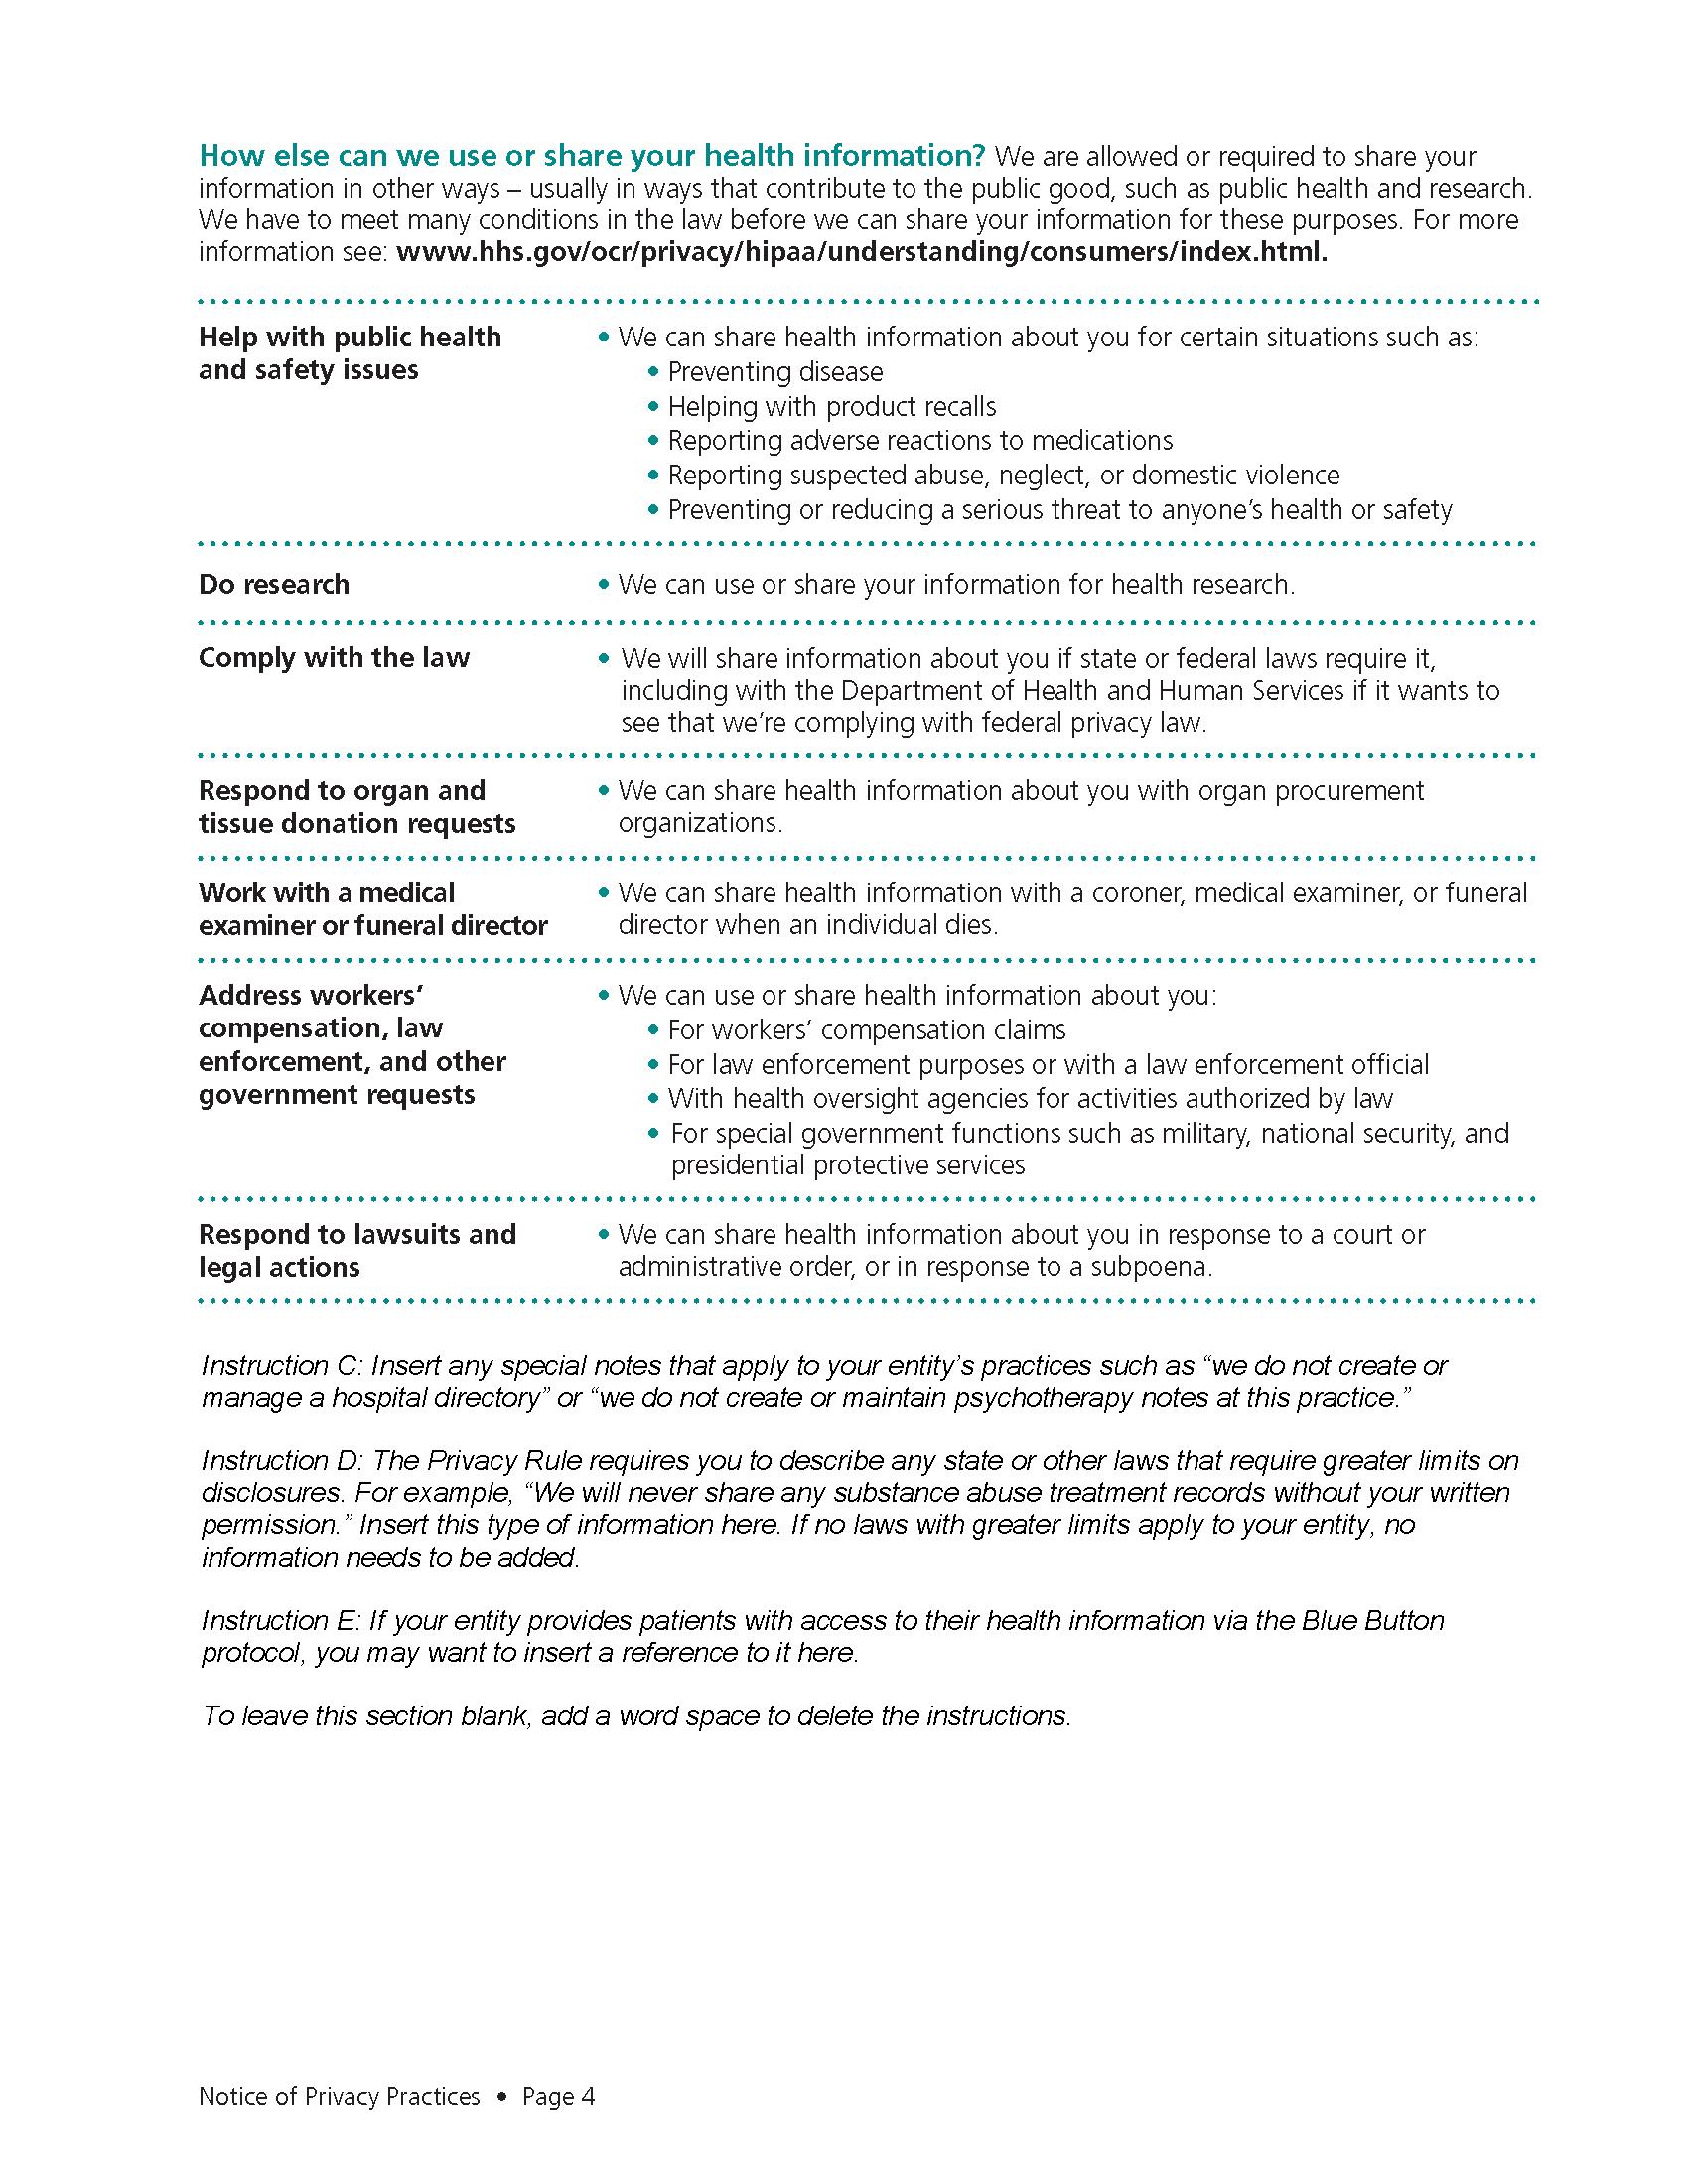 HIPAA page 4